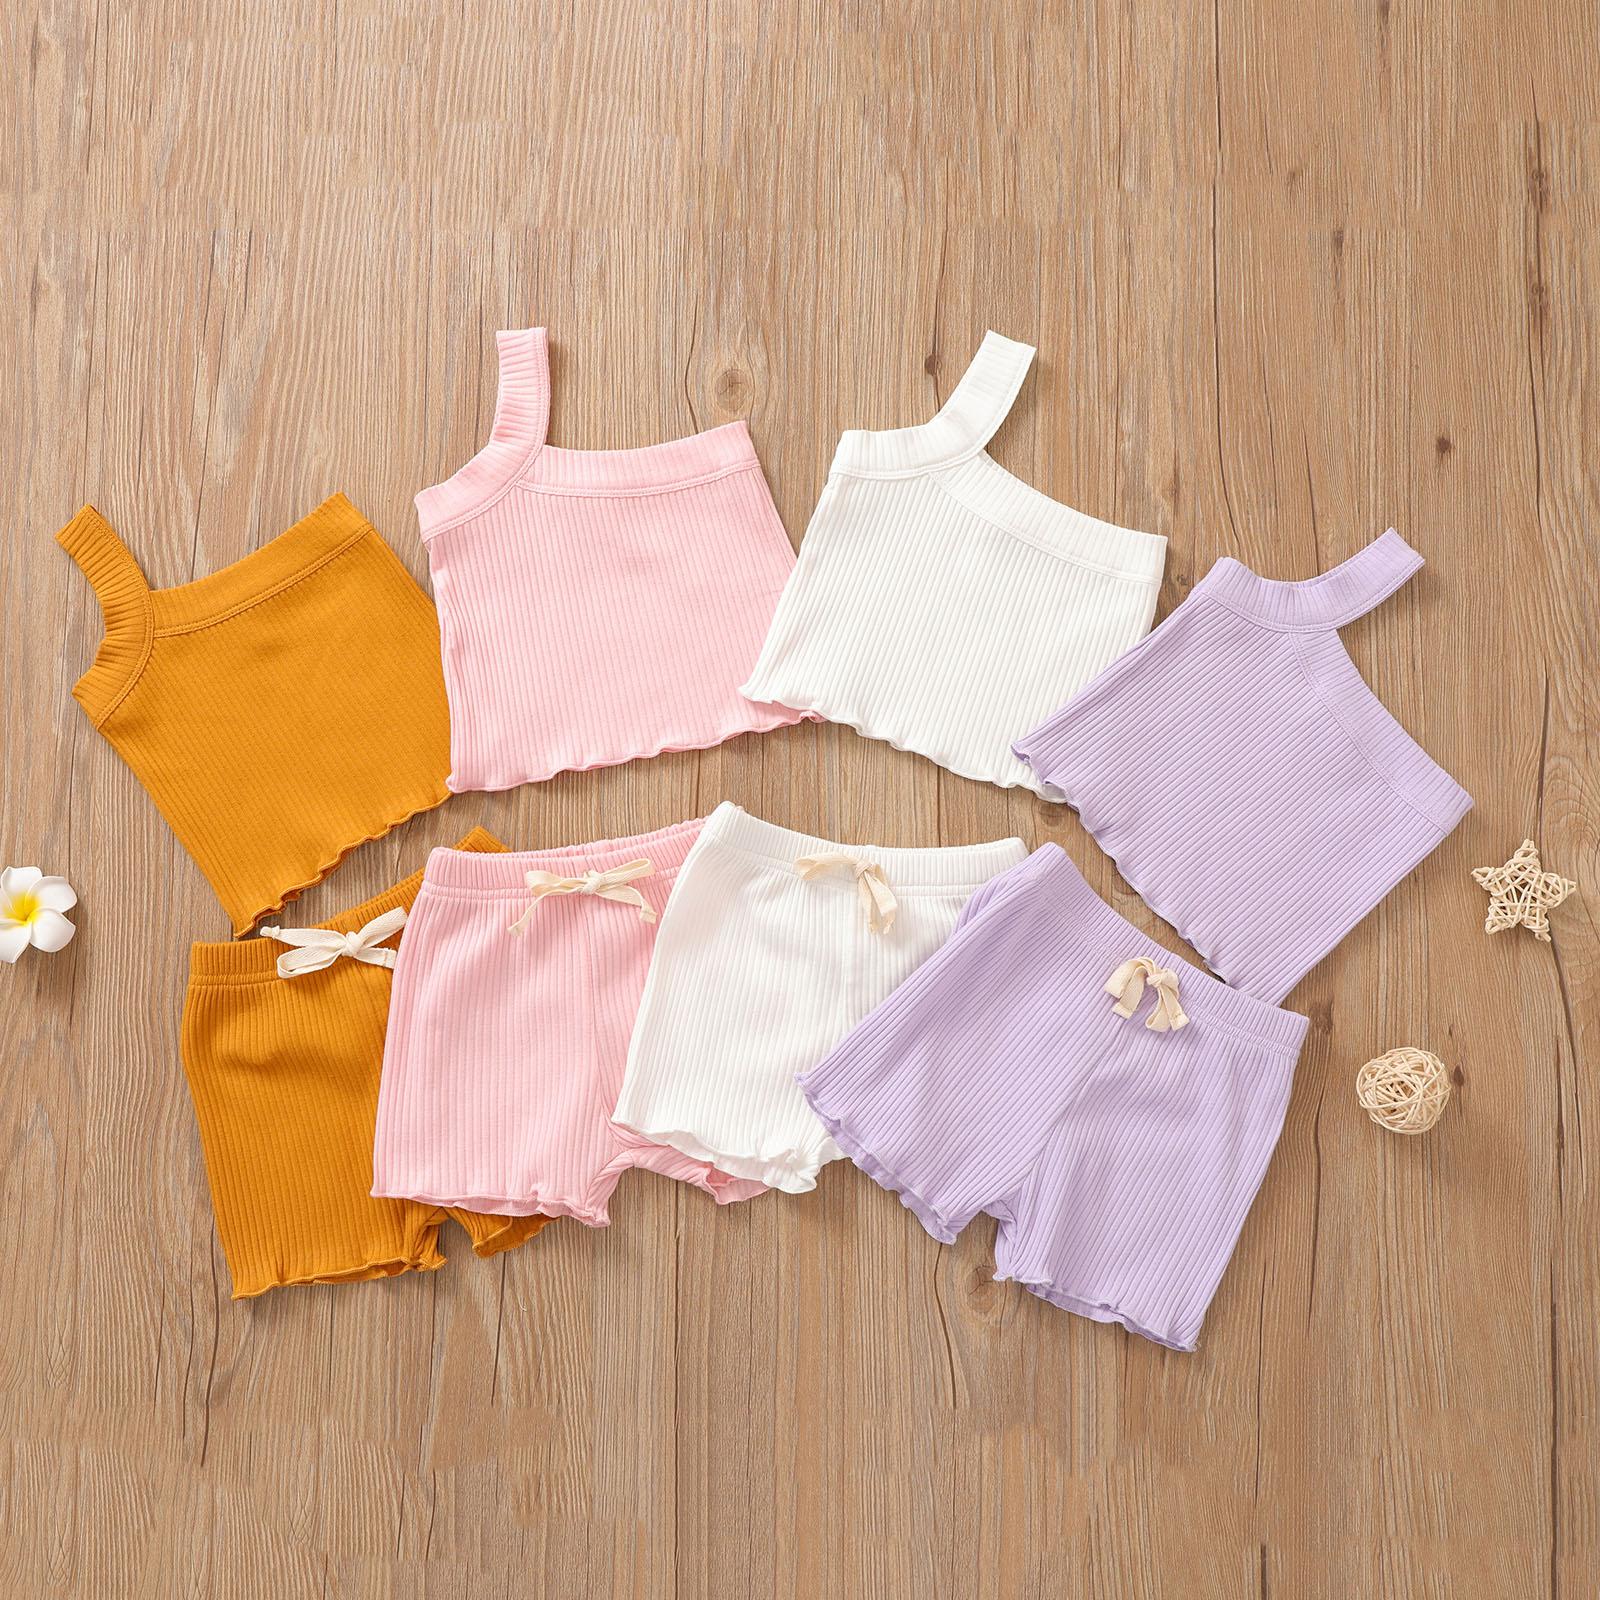 2021 קיץ יילוד תינוק חמוד תינוק בגדי סטים אחד כתף מוצק לסרוג שרוולים אפוד צמרות מכנסיים קצרים 2pcs פעוטות תלבושות